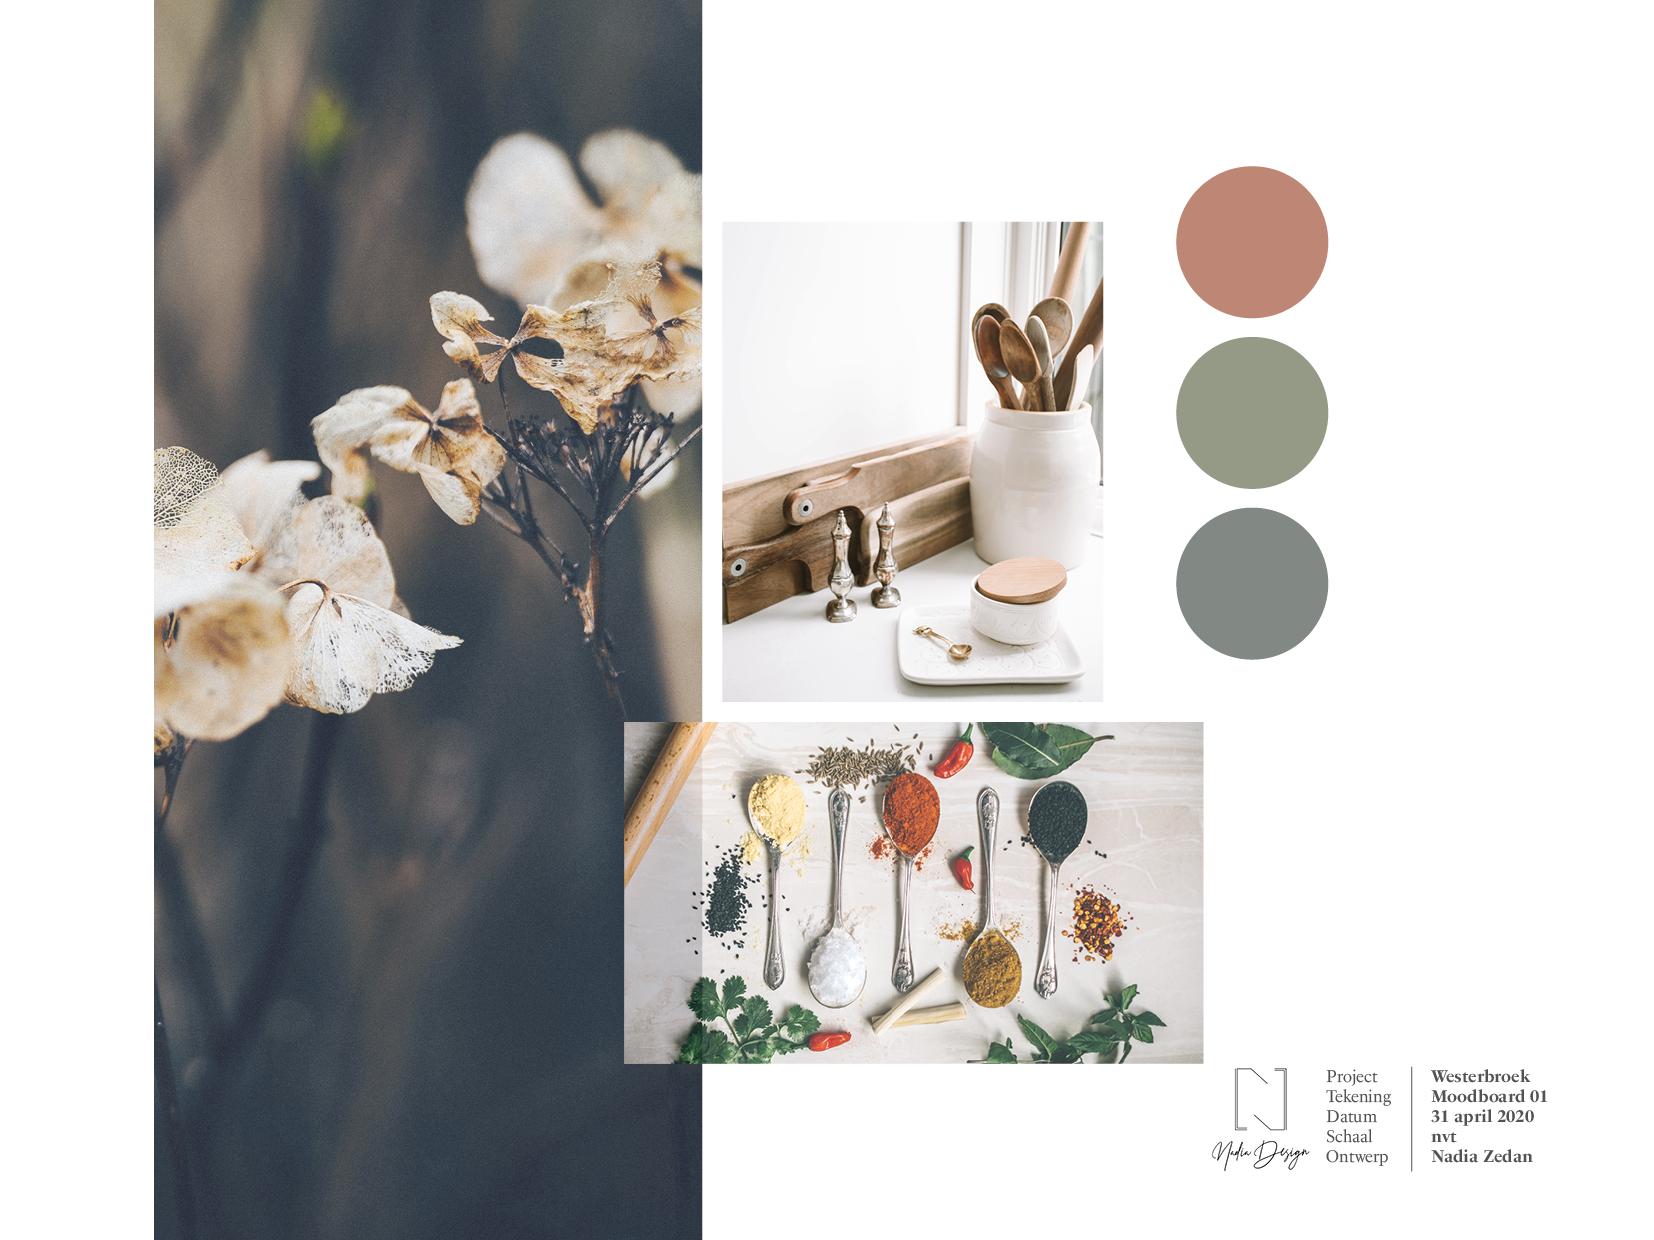 Nadia-Design-Project-Westerbroek-Keukenontwerp